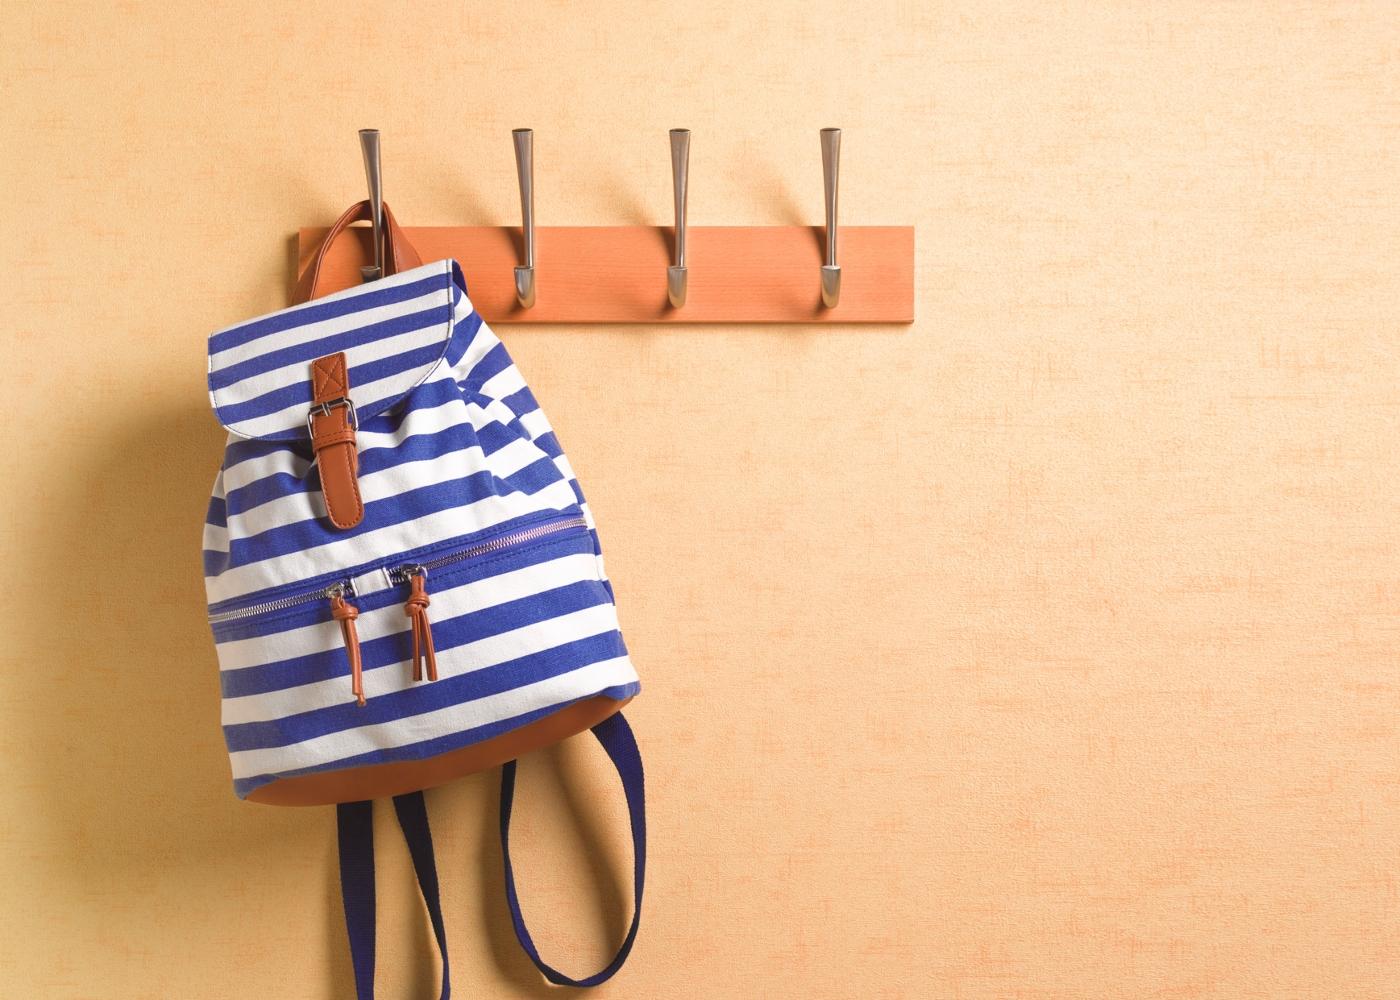 mochila da escola pendurada em cabide